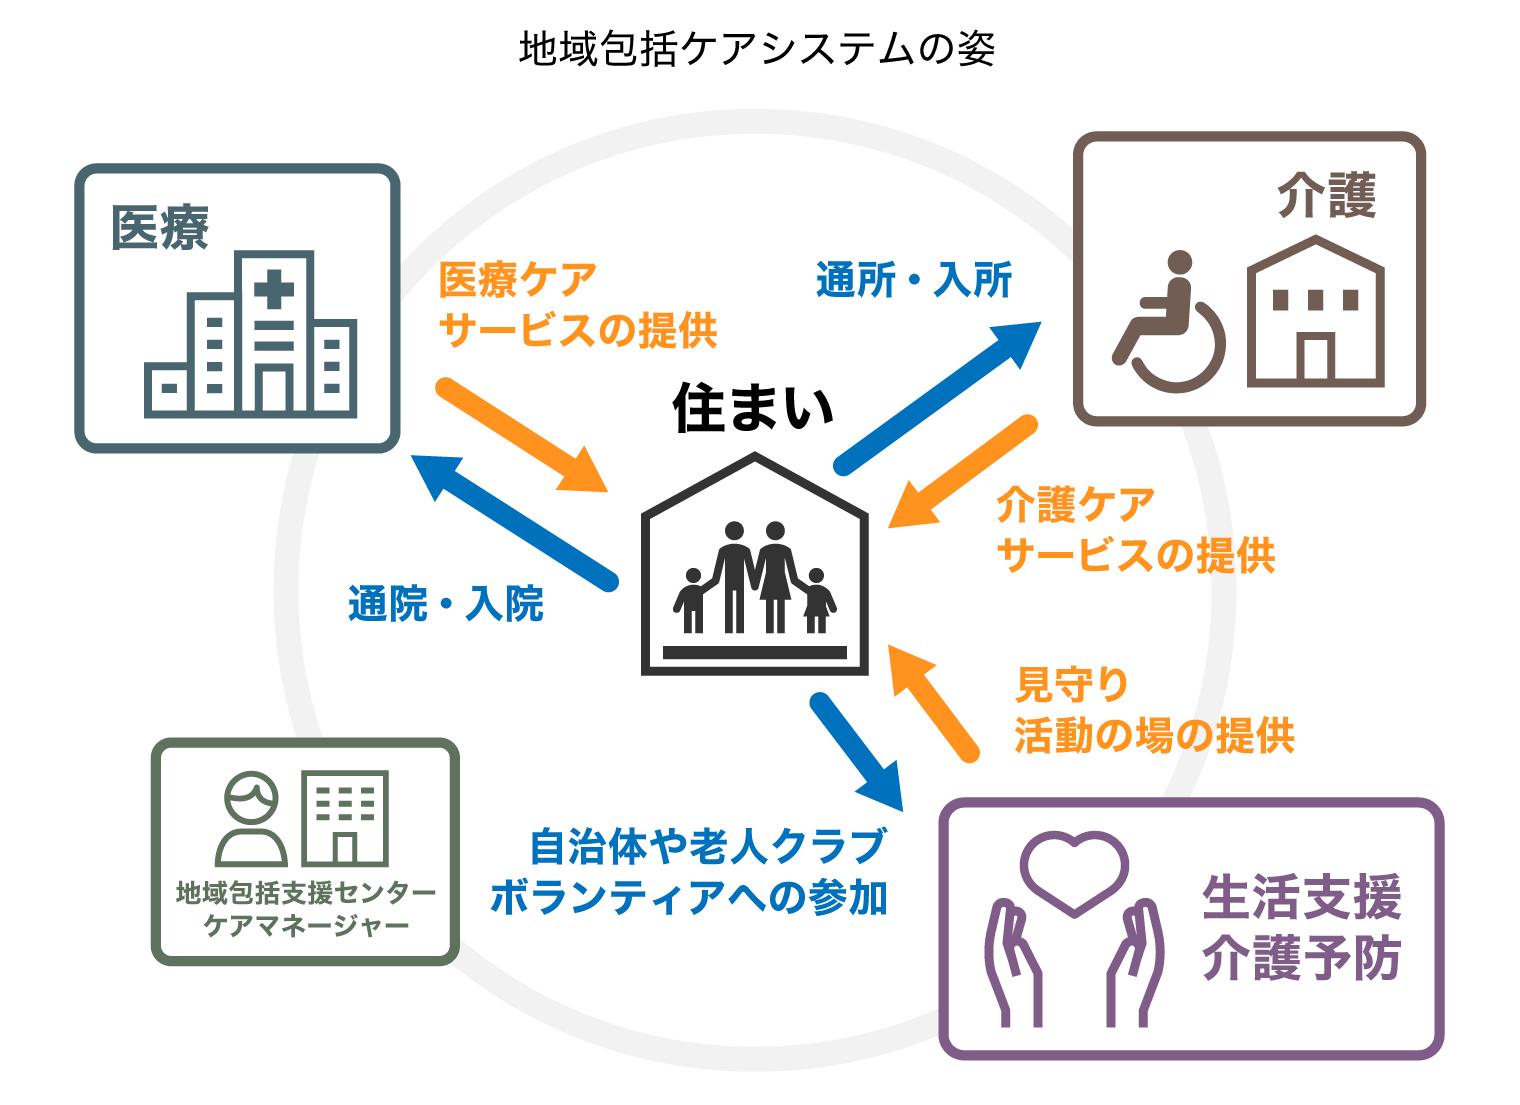 地域包括ケアシステムの図解